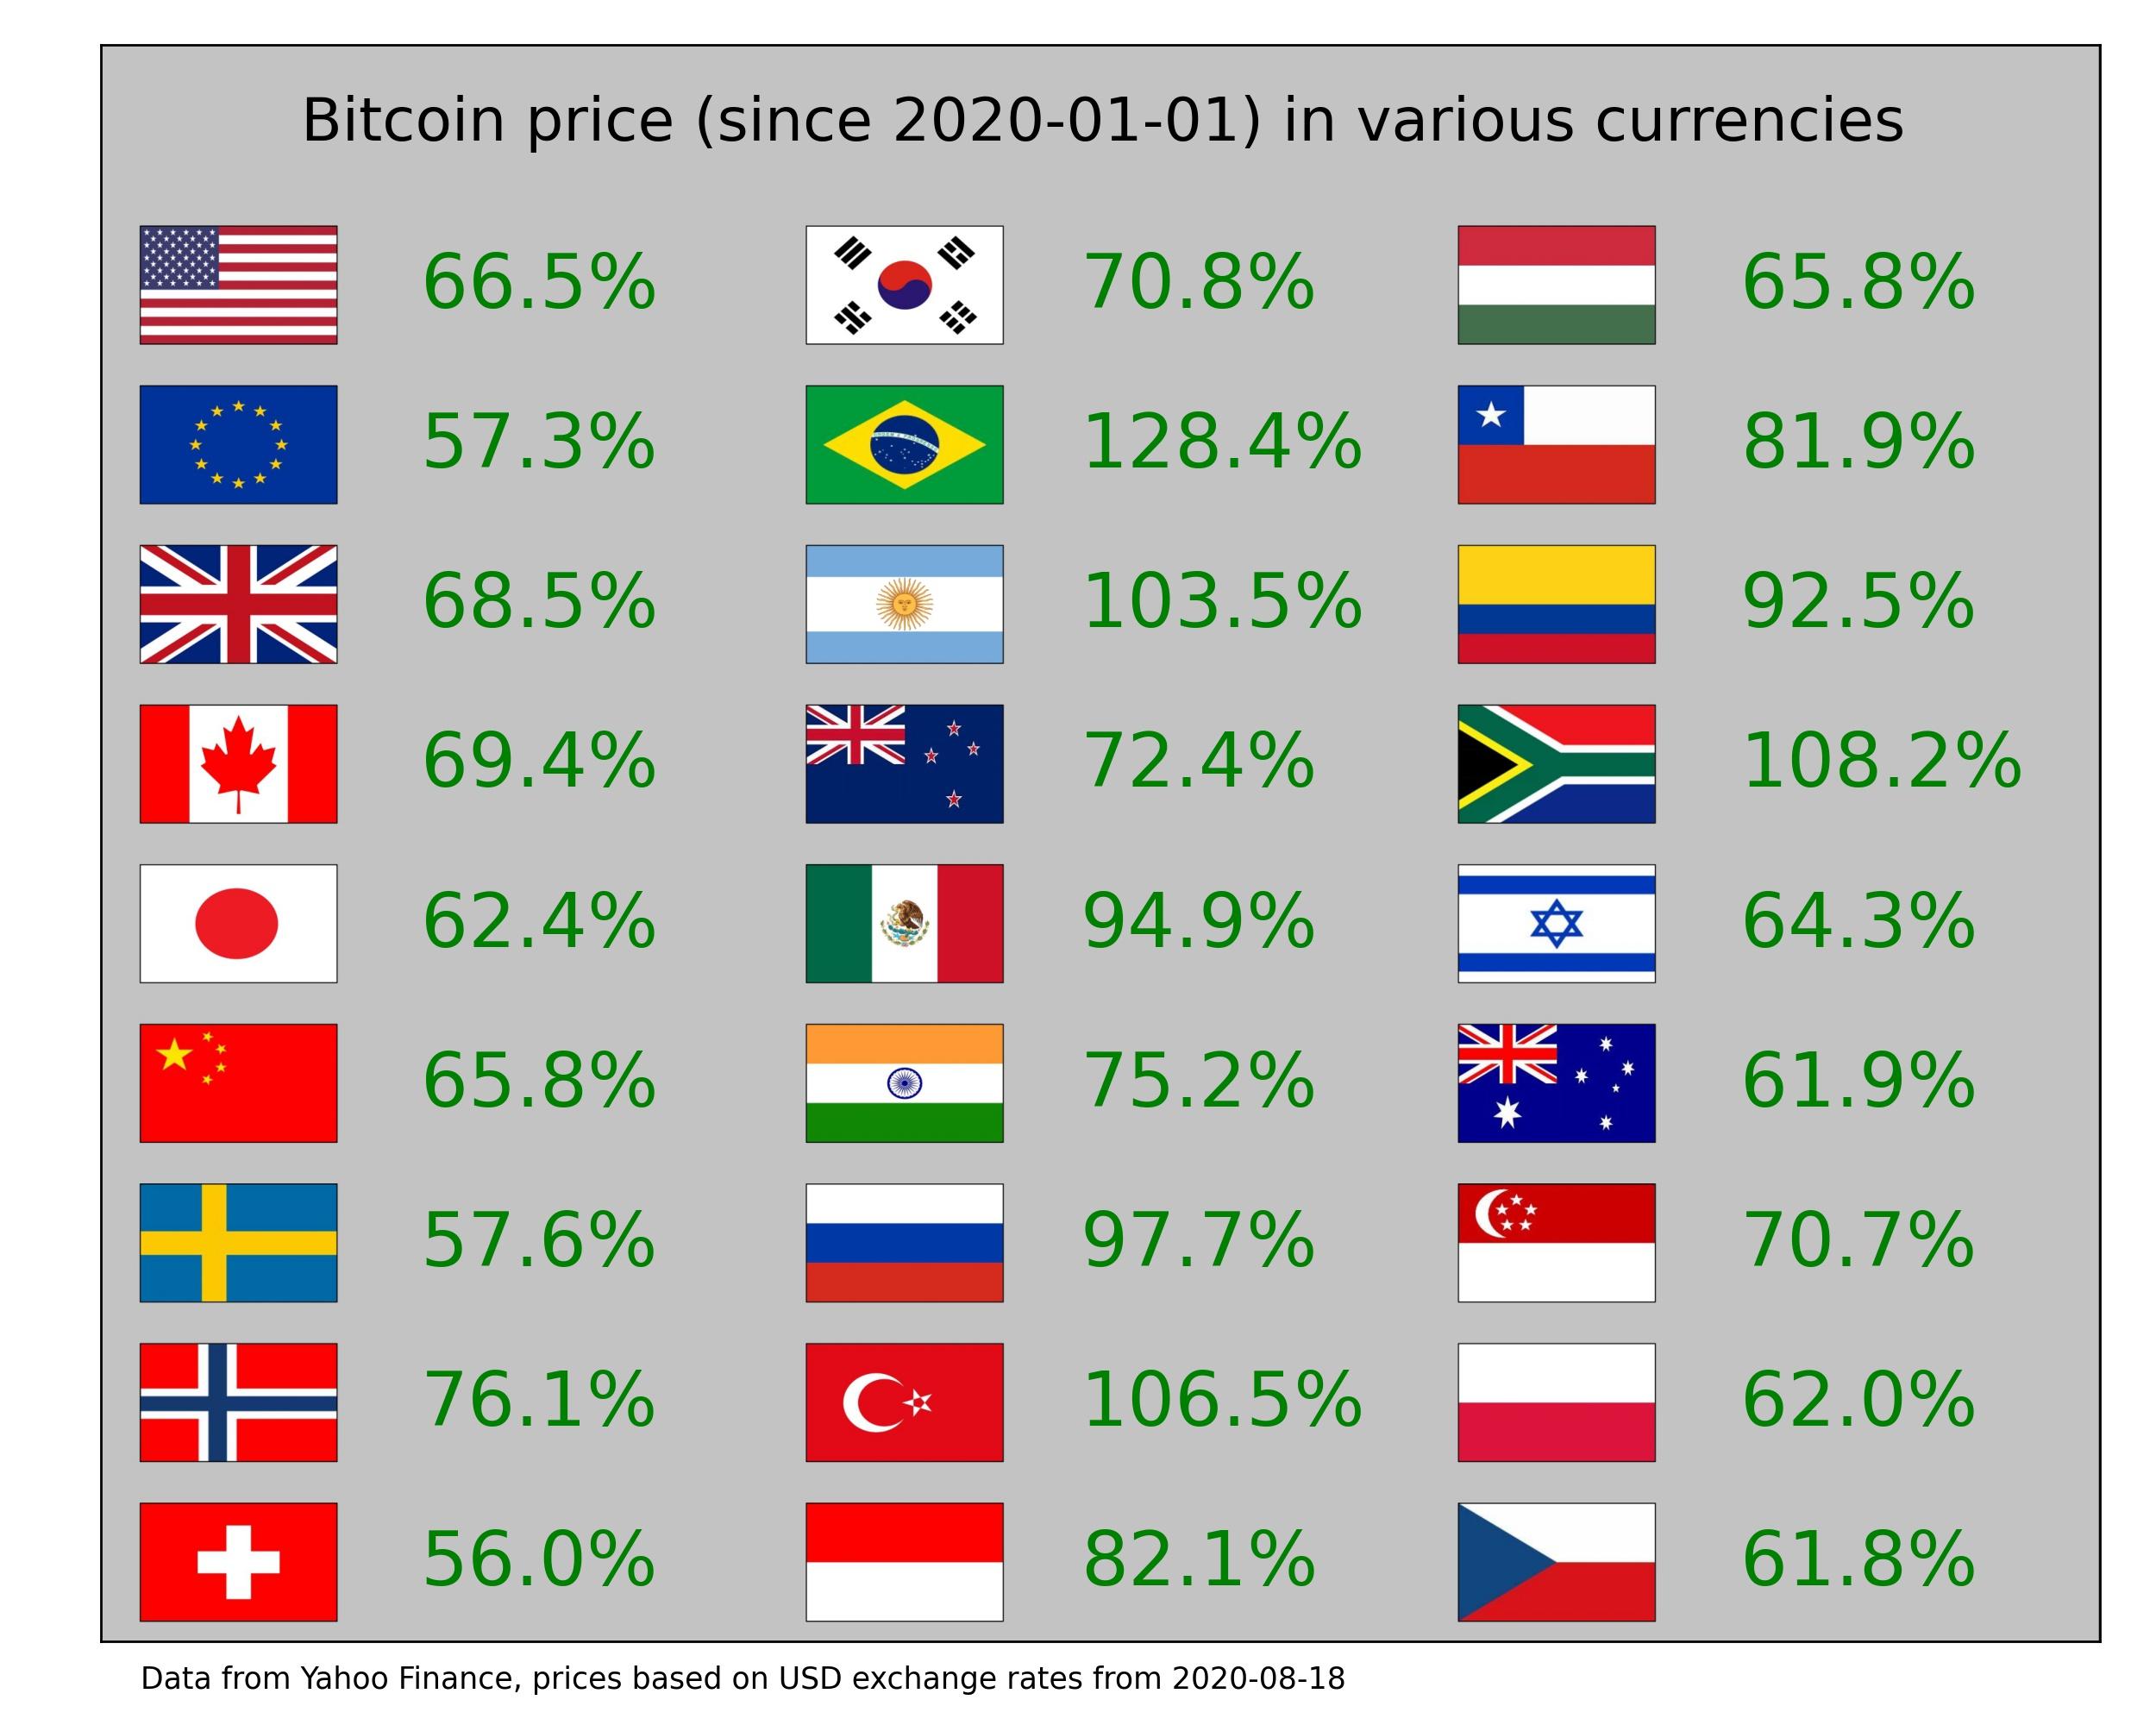 nyereség a bitcoin kamatlábak véleménykülönbségéből